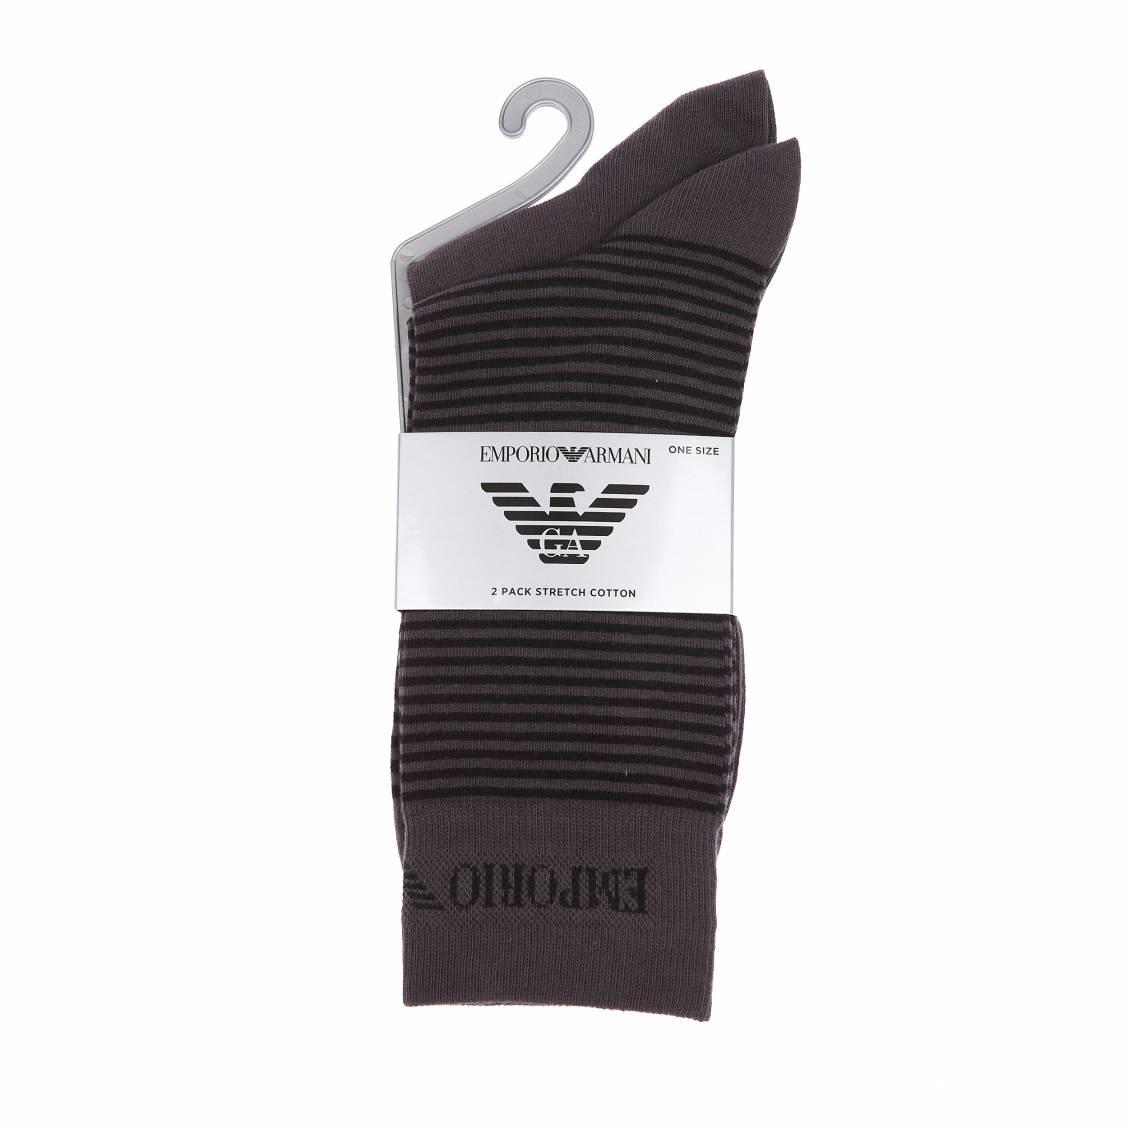 Lot de 2 paires de chaussettes  : 1 modèle gris anthracite et 1 modèle gris anthracite à rayures noires